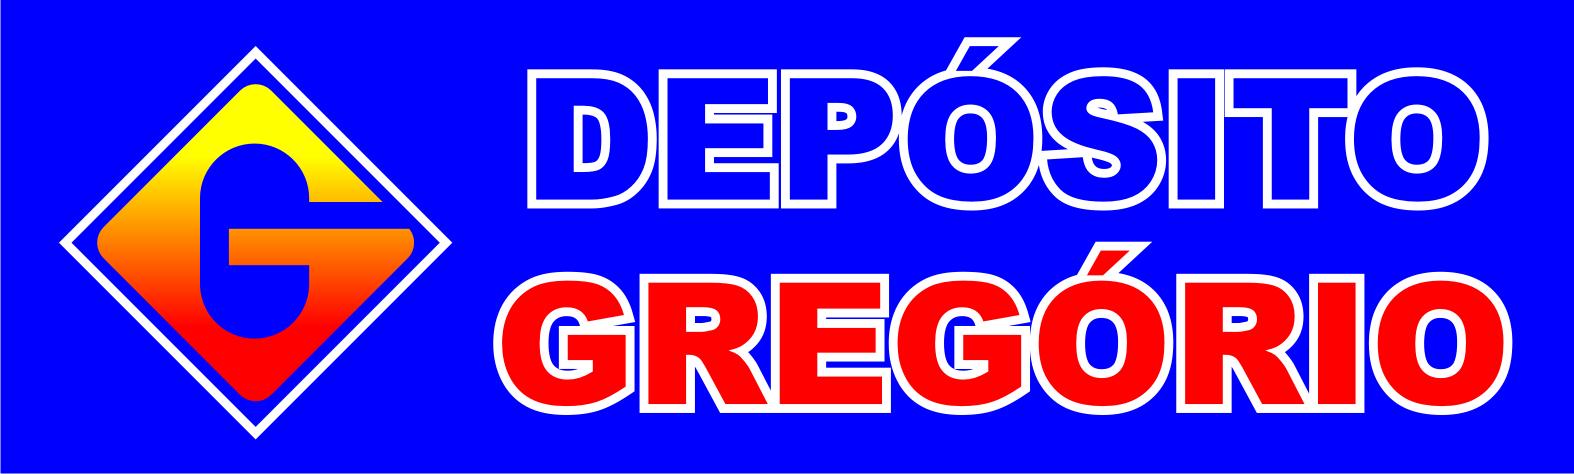 Depósito Gregório